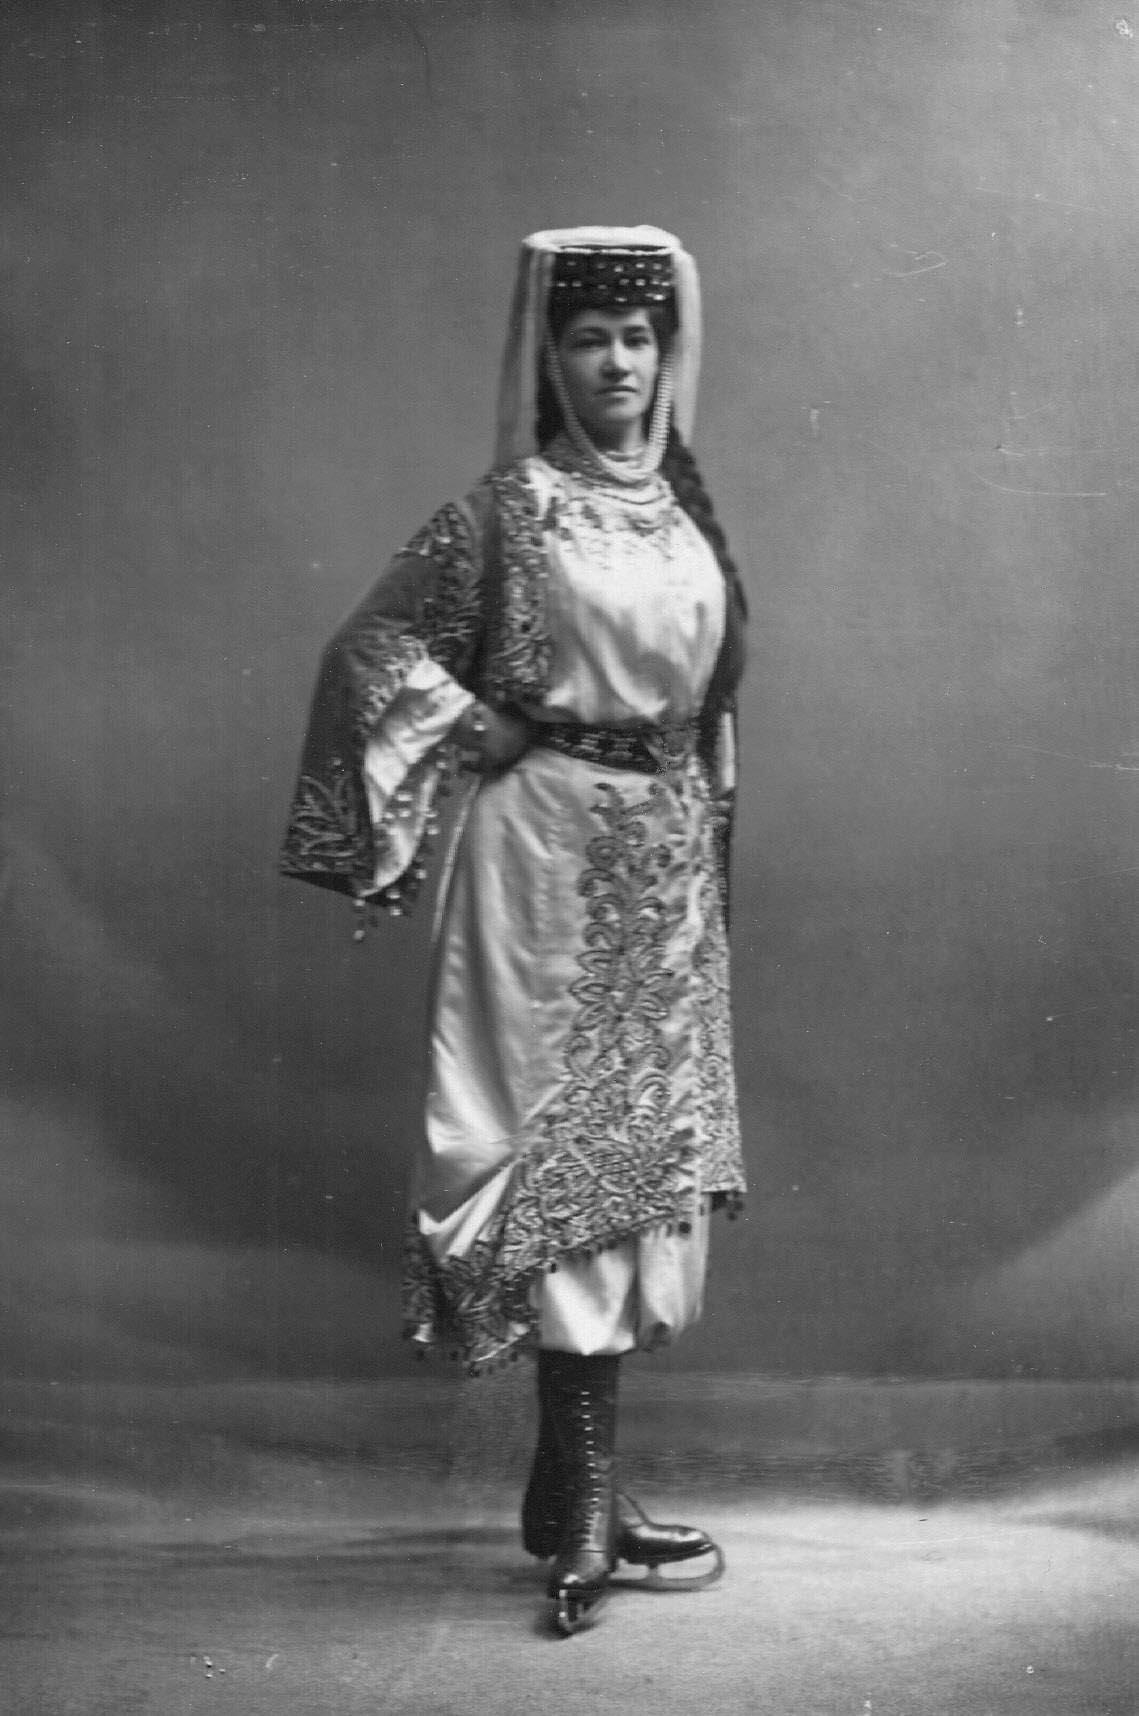 Л.Попова - фигуристка, член Петербургского общества любителей бега на коньках, в молдавском костюме.1911-1914